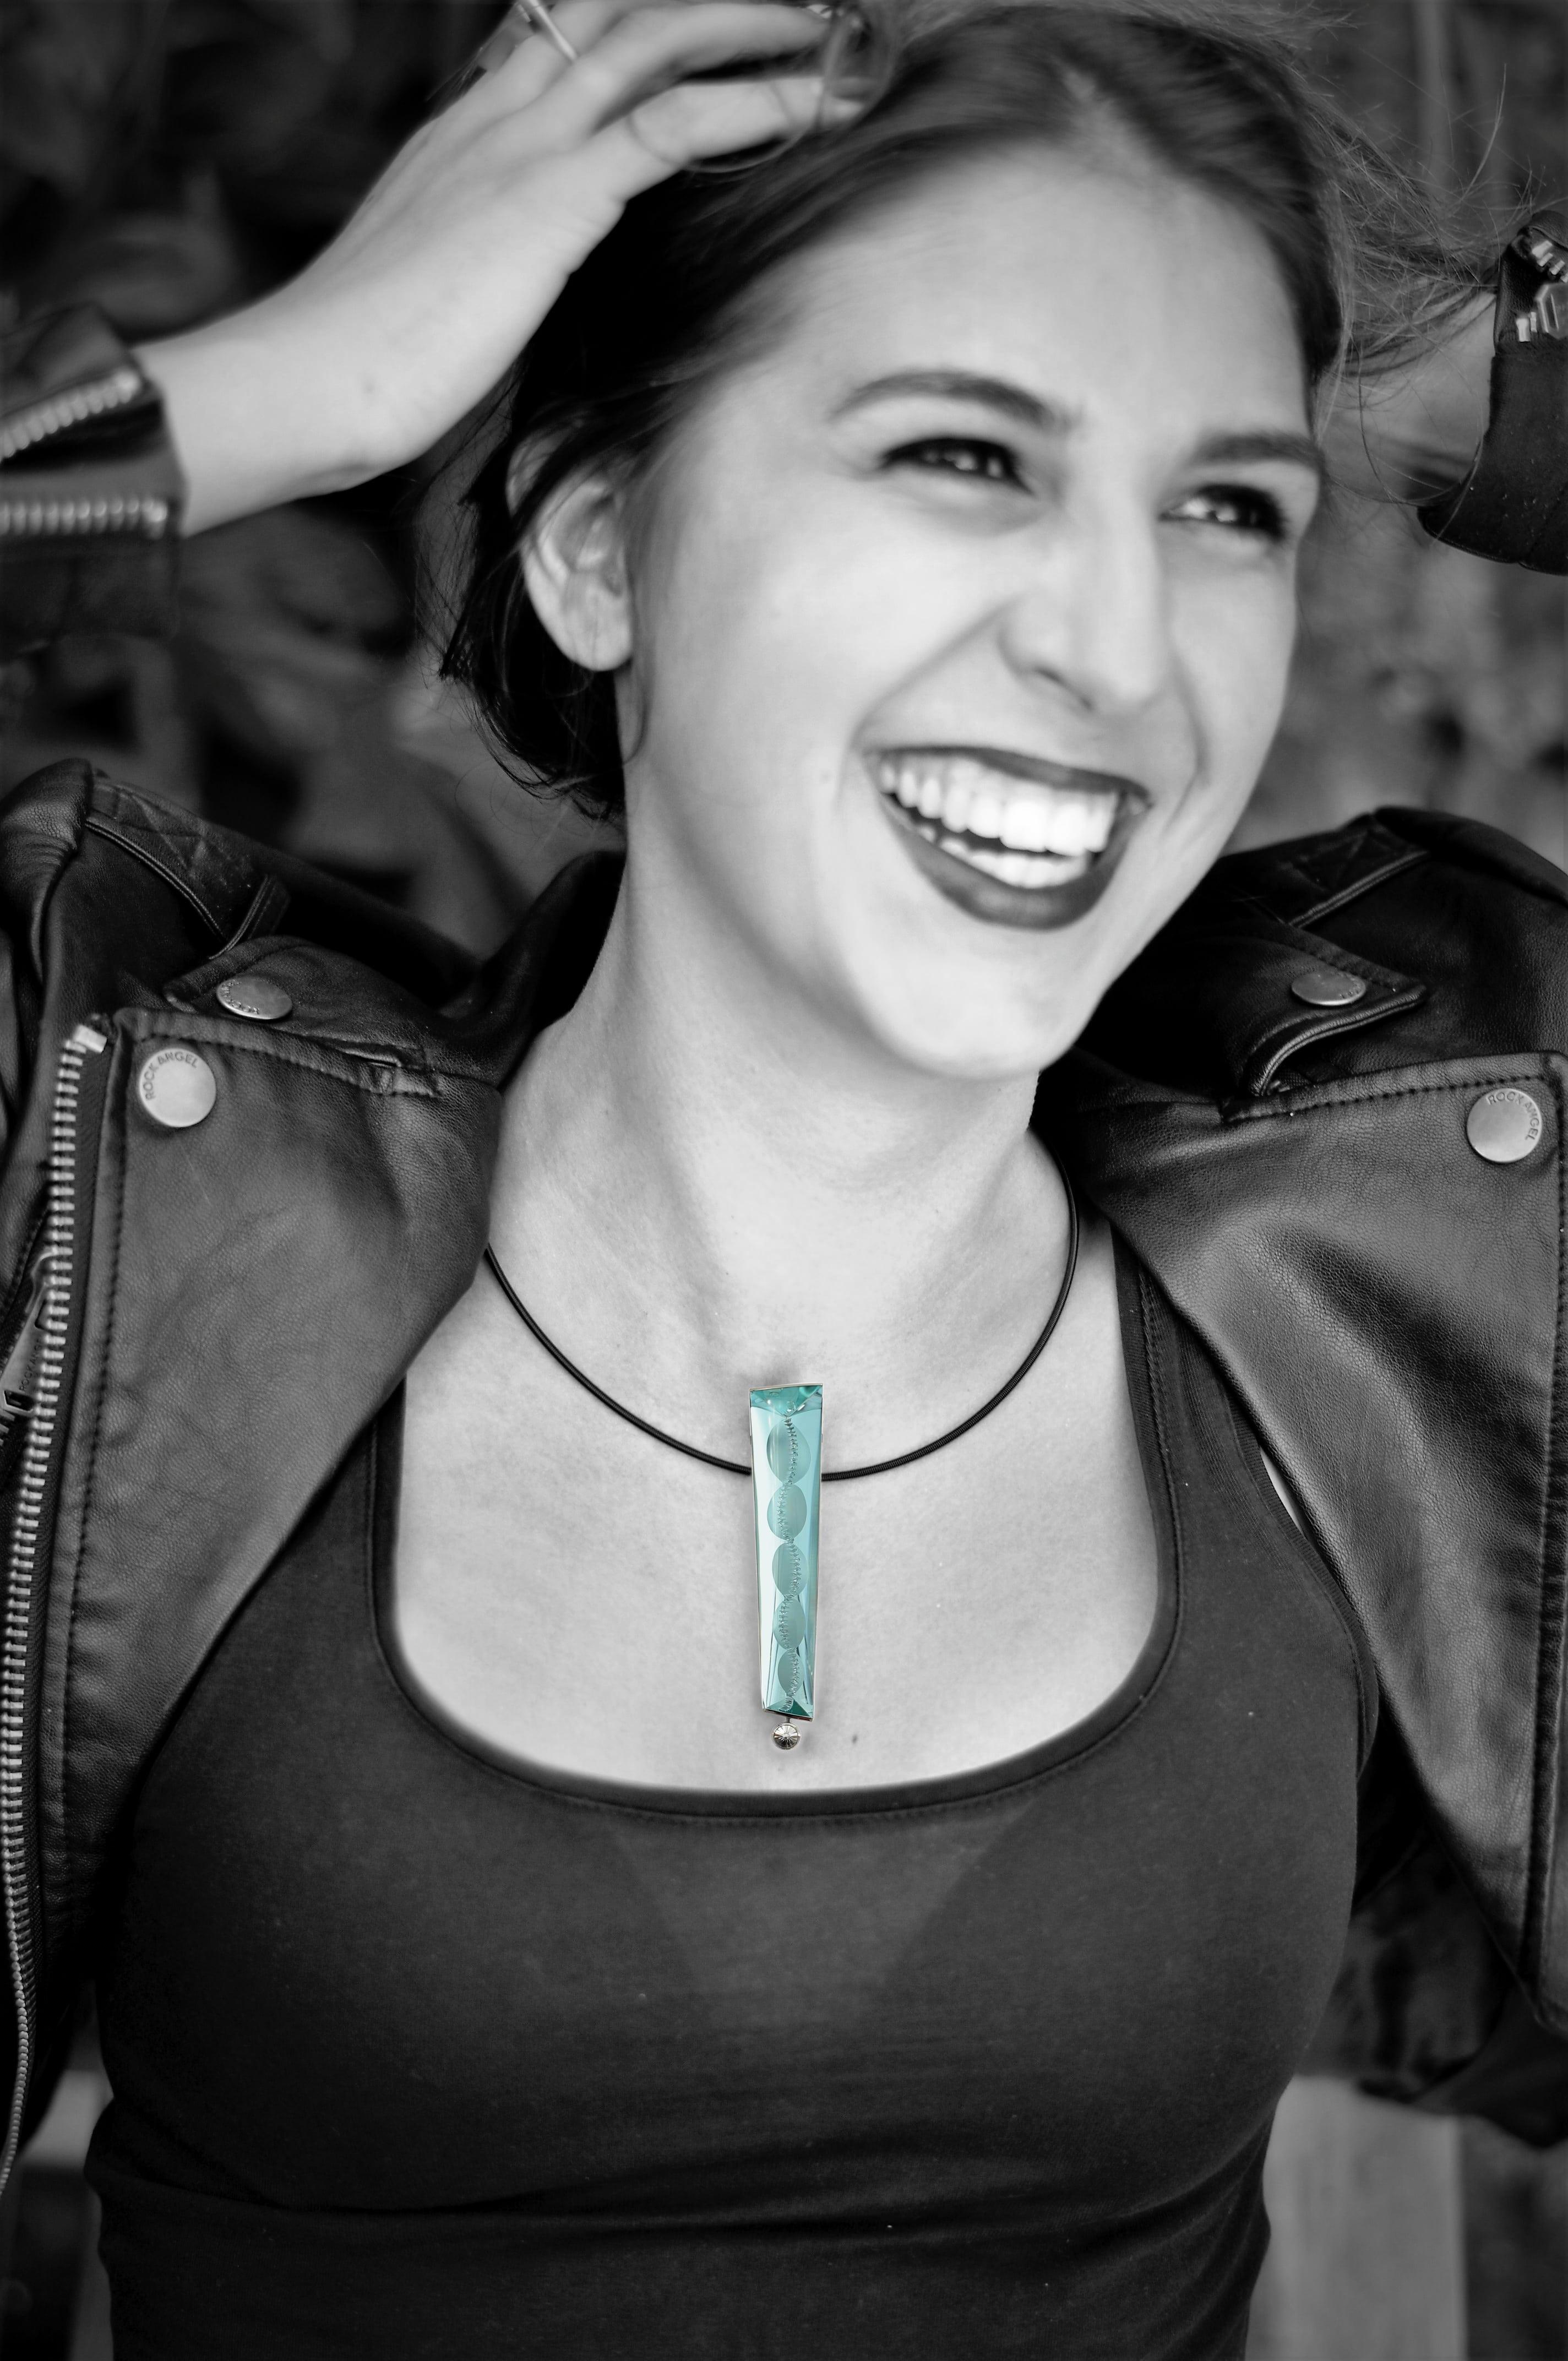 Fotomodell Halskette